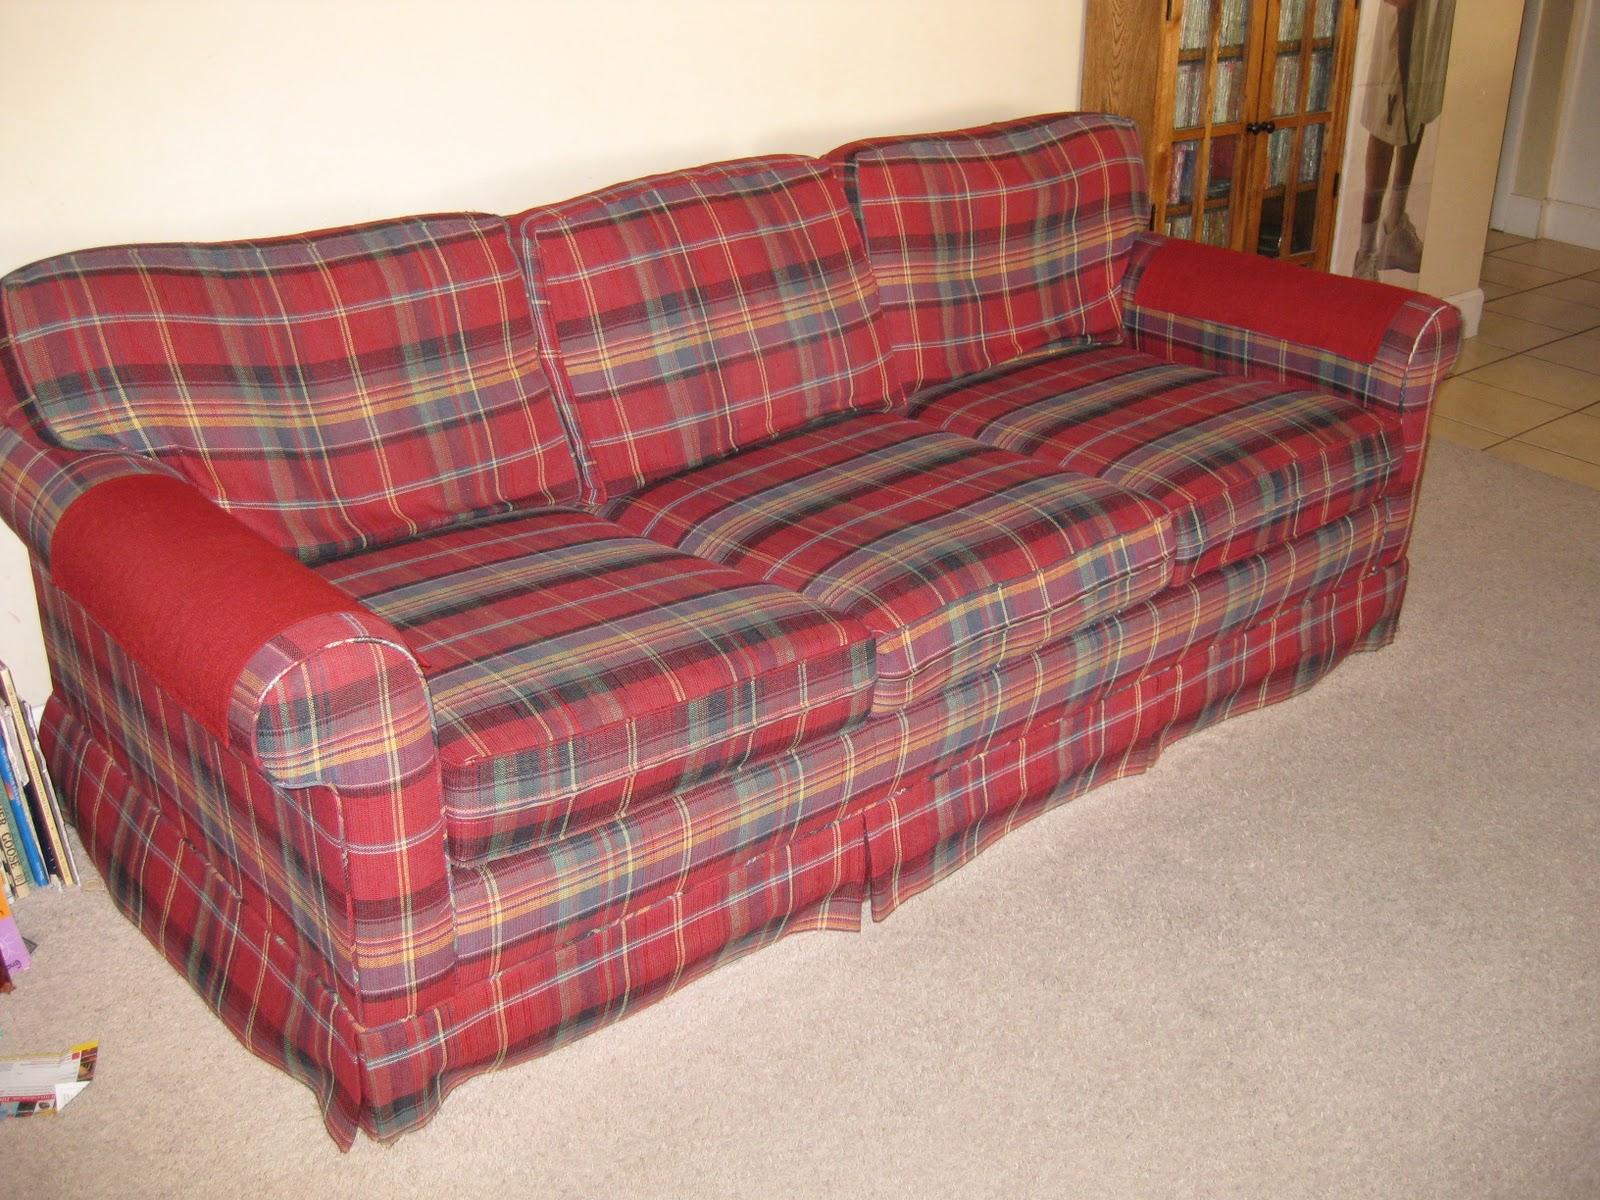 Plaid Sofa plaid slipcovers by shelley